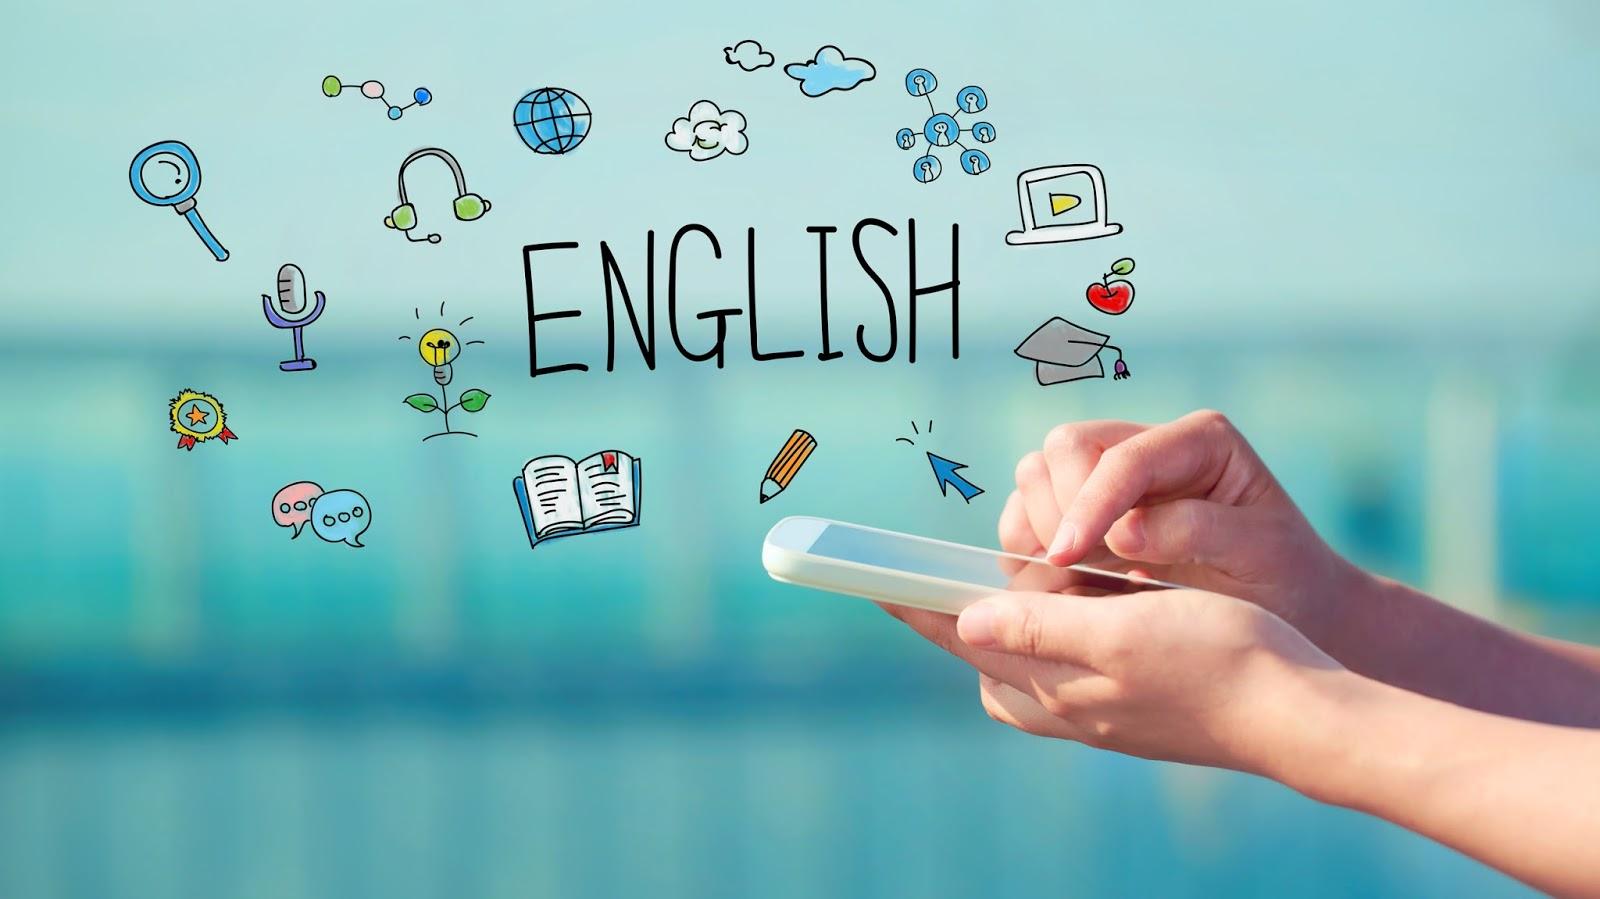 بالصور كيفية تعلم اللغة الانجليزية , دراسة اللغة العالمية الاولى 4943